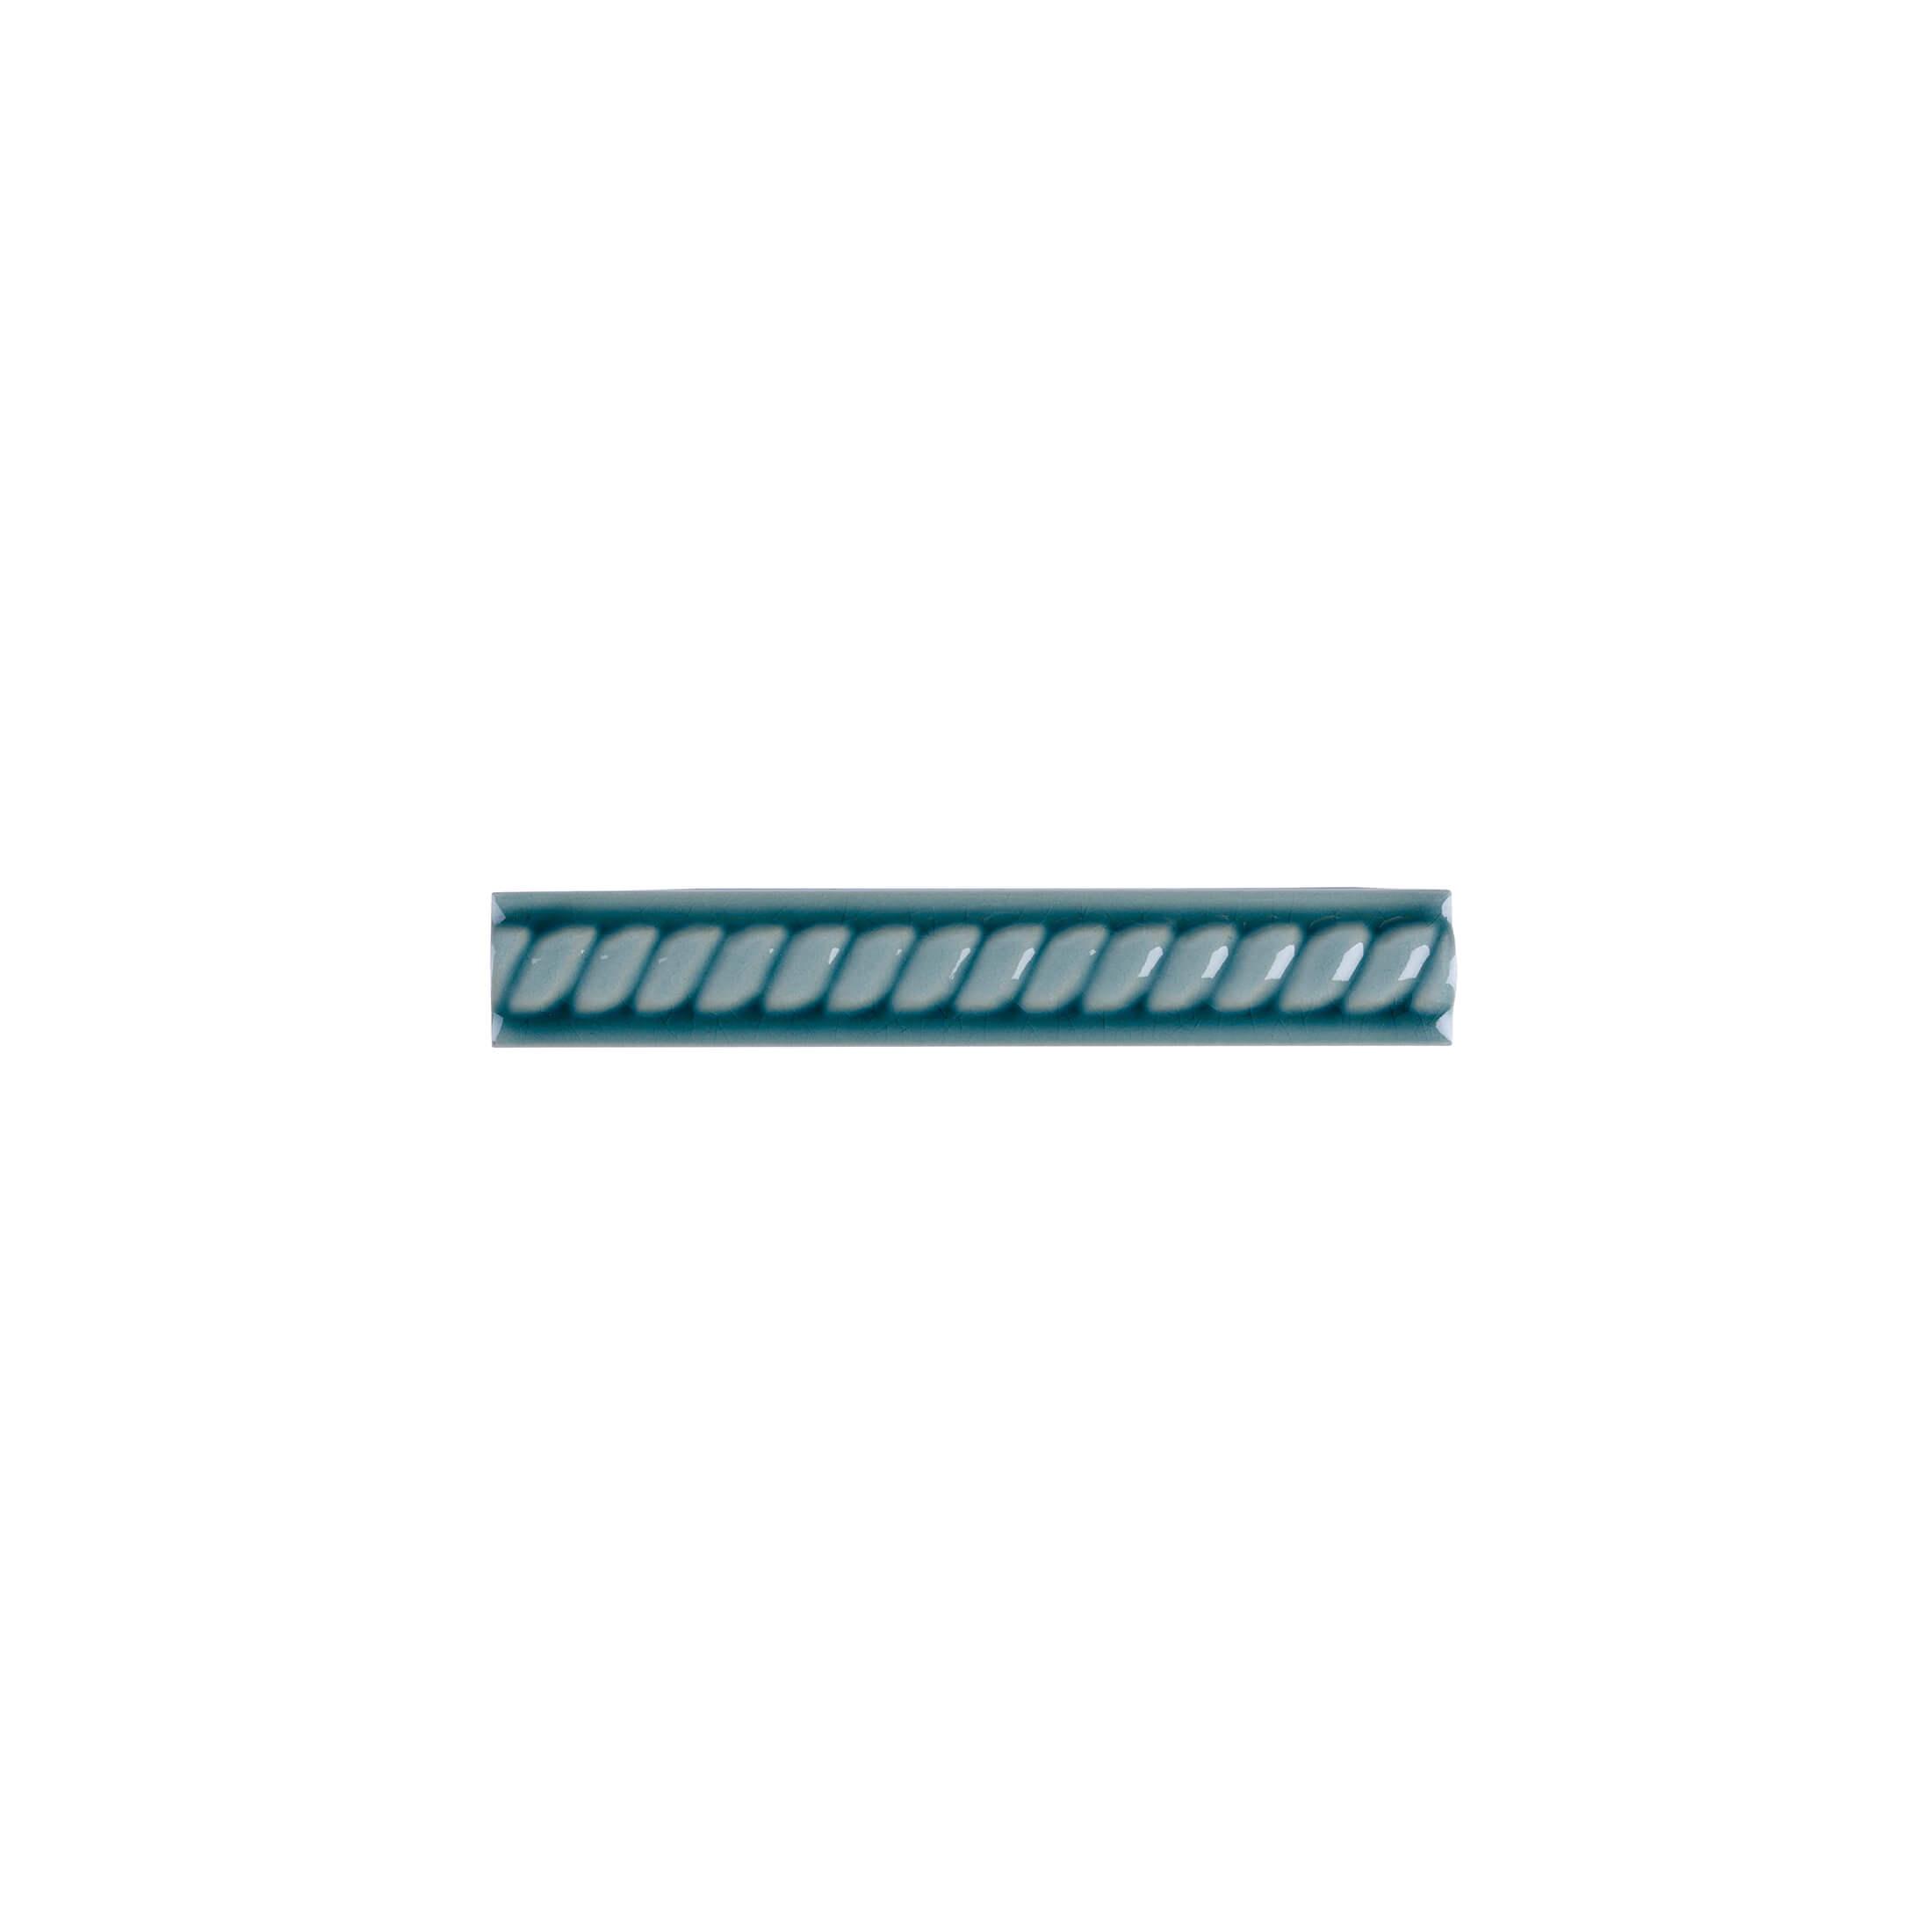 ADMO5185 - TRENZA PB C/C - 2.5 cm X 15 cm